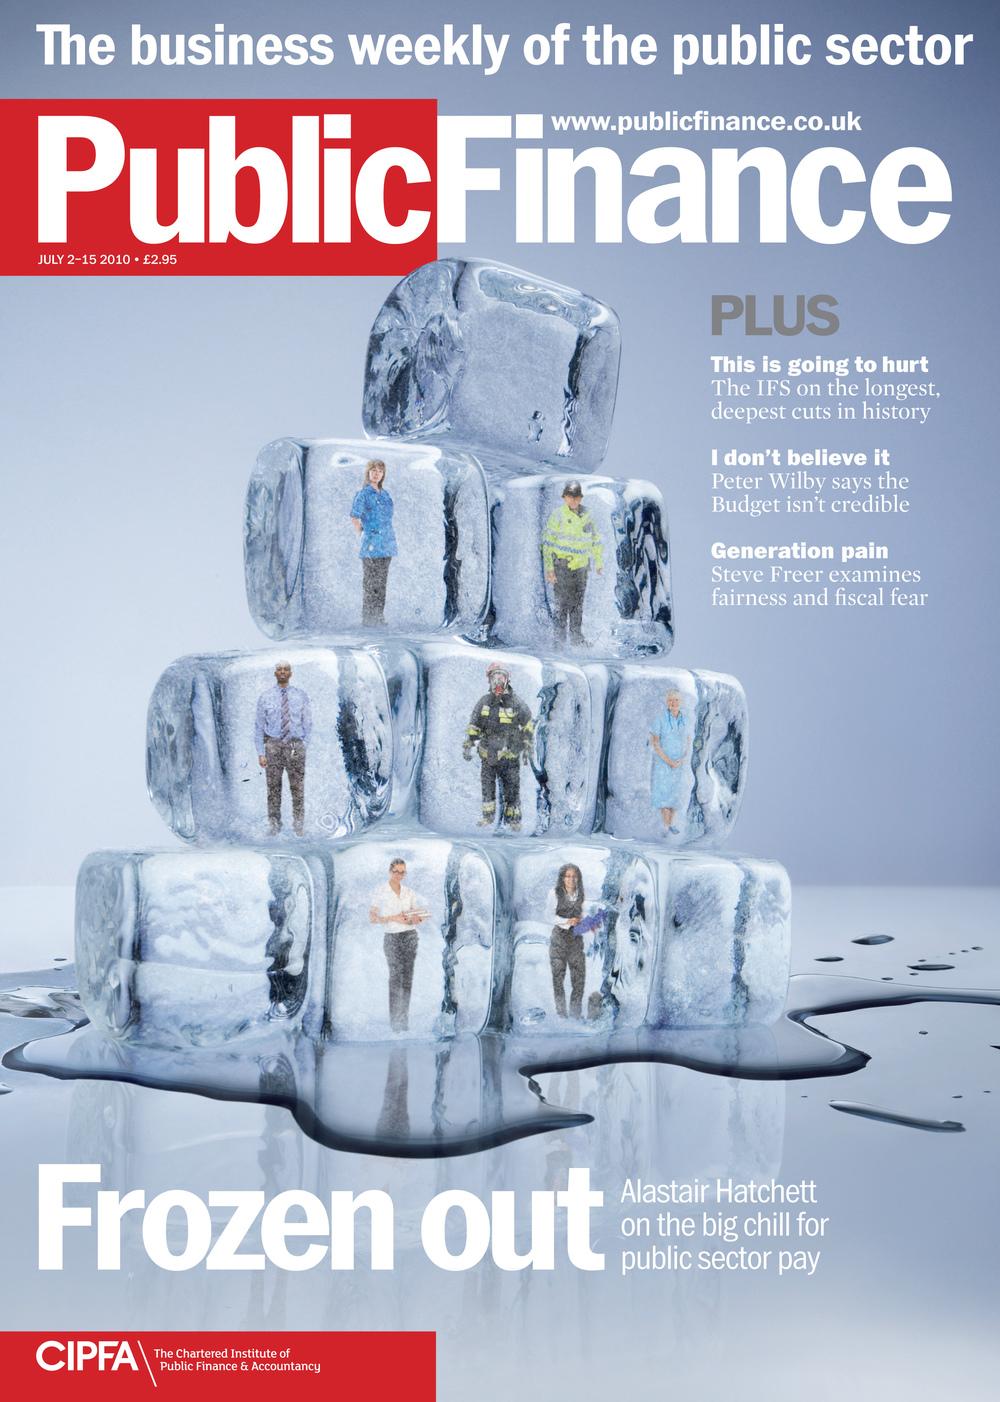 frozensector.jpg